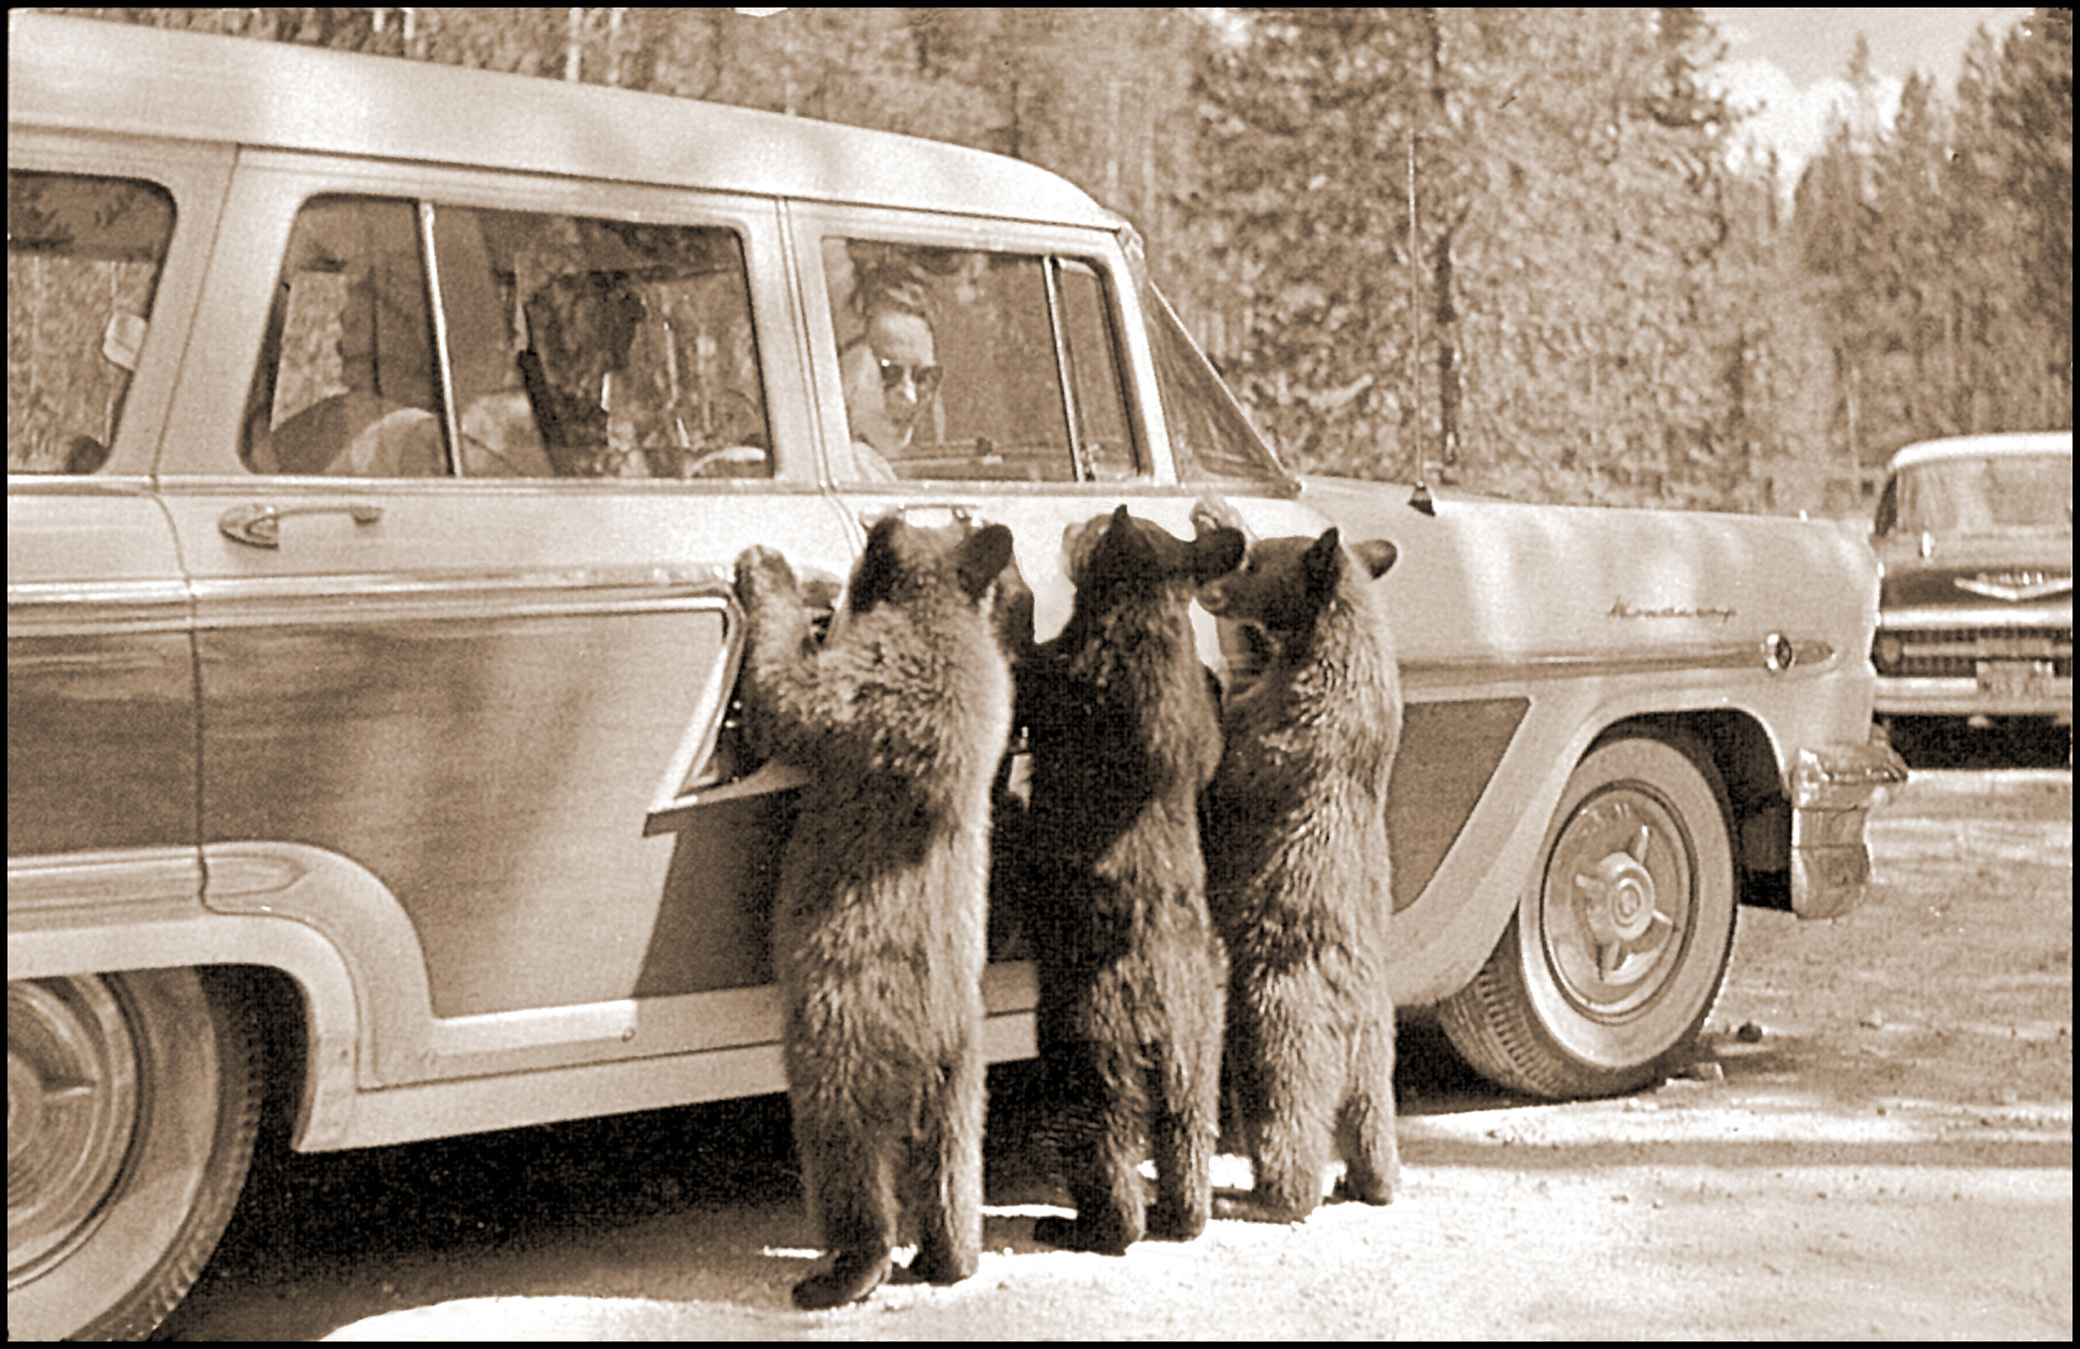 three bears lean against a vintage car